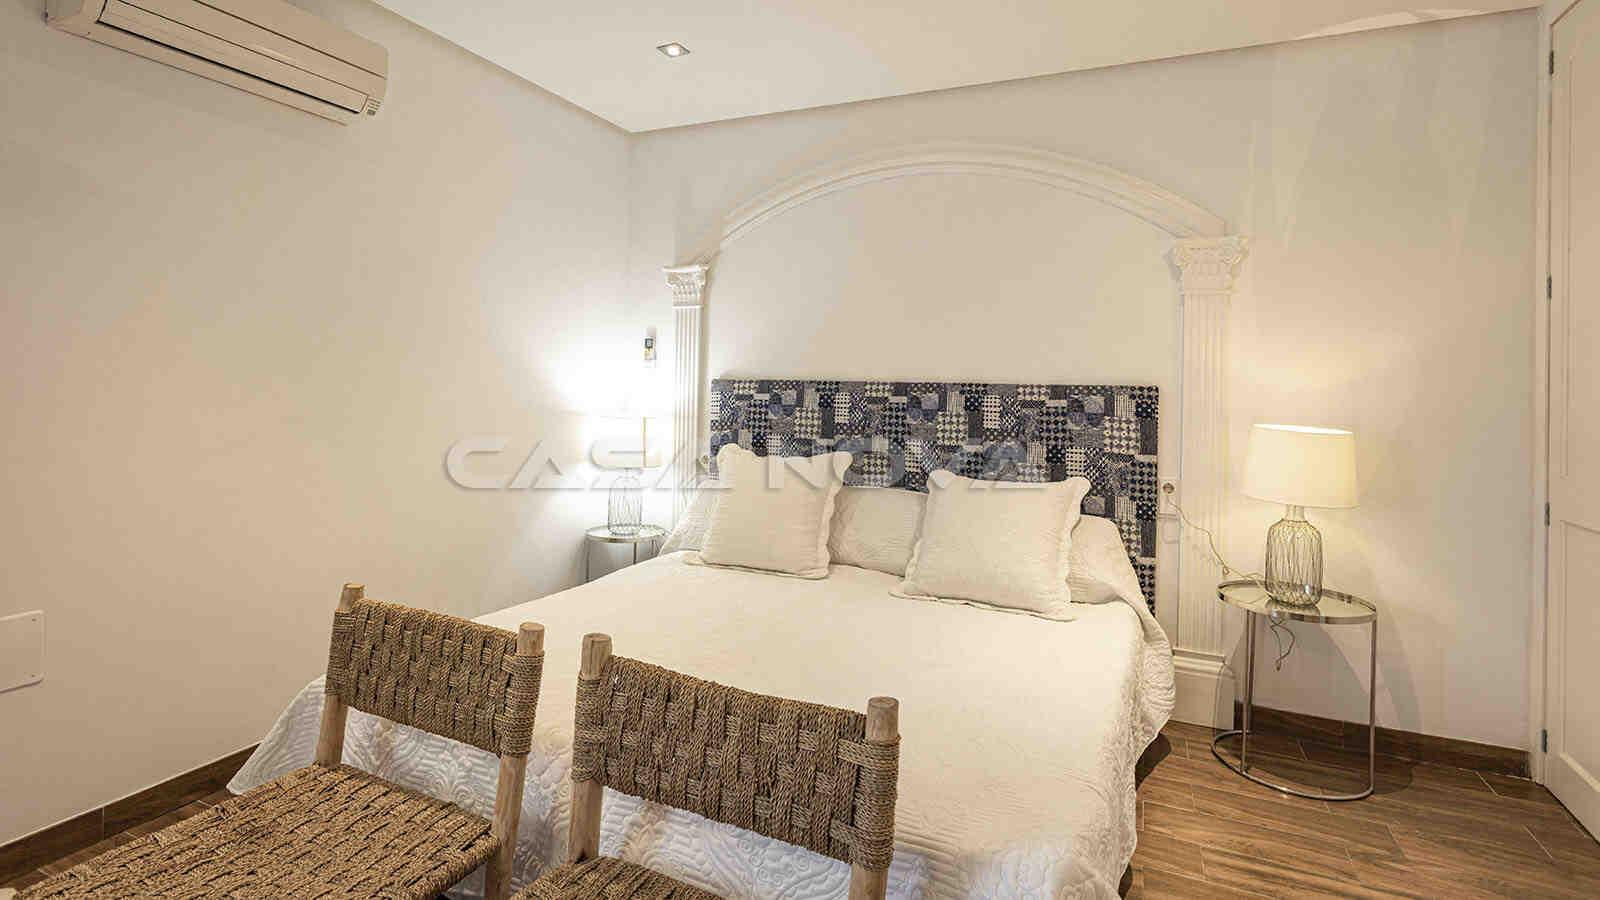 Gemütliches Doppelschalfzimmer mit Klimaanlage